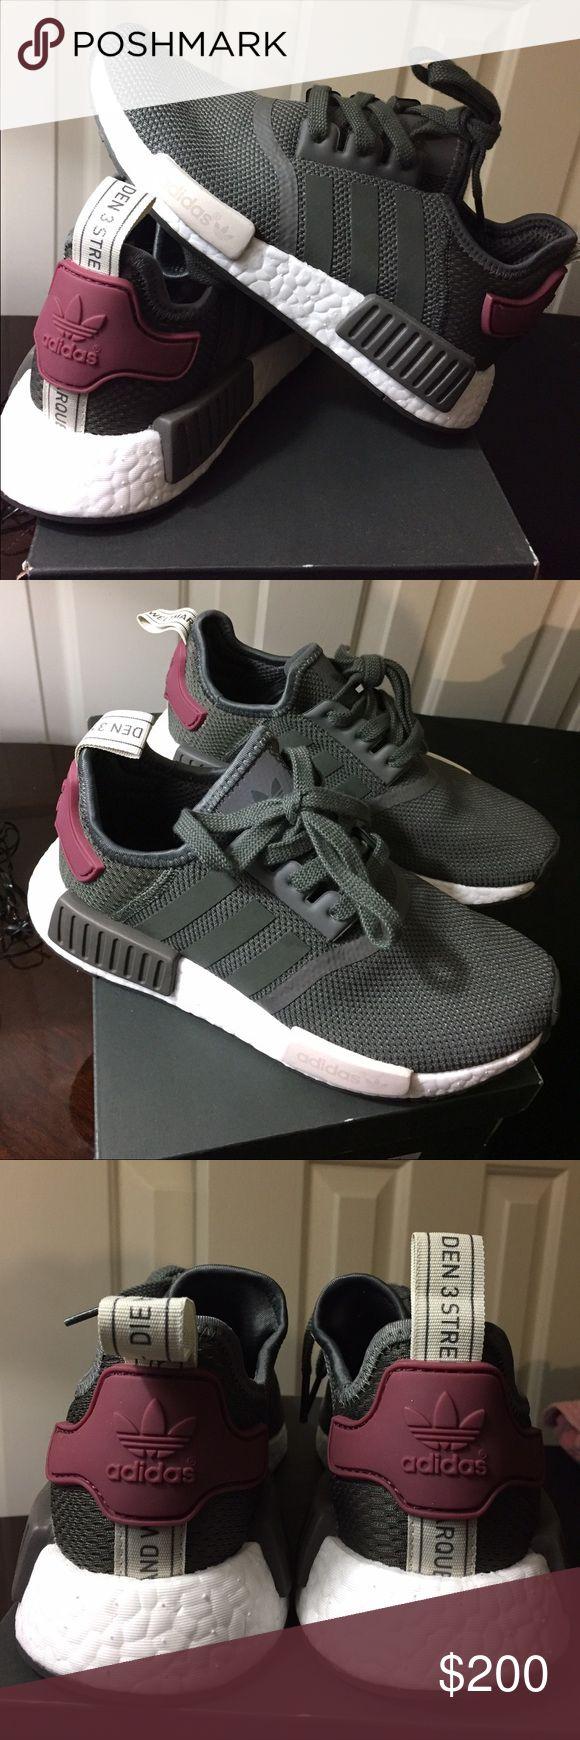 Adidas nmd runner di bordeaux sneakerdiscount gris